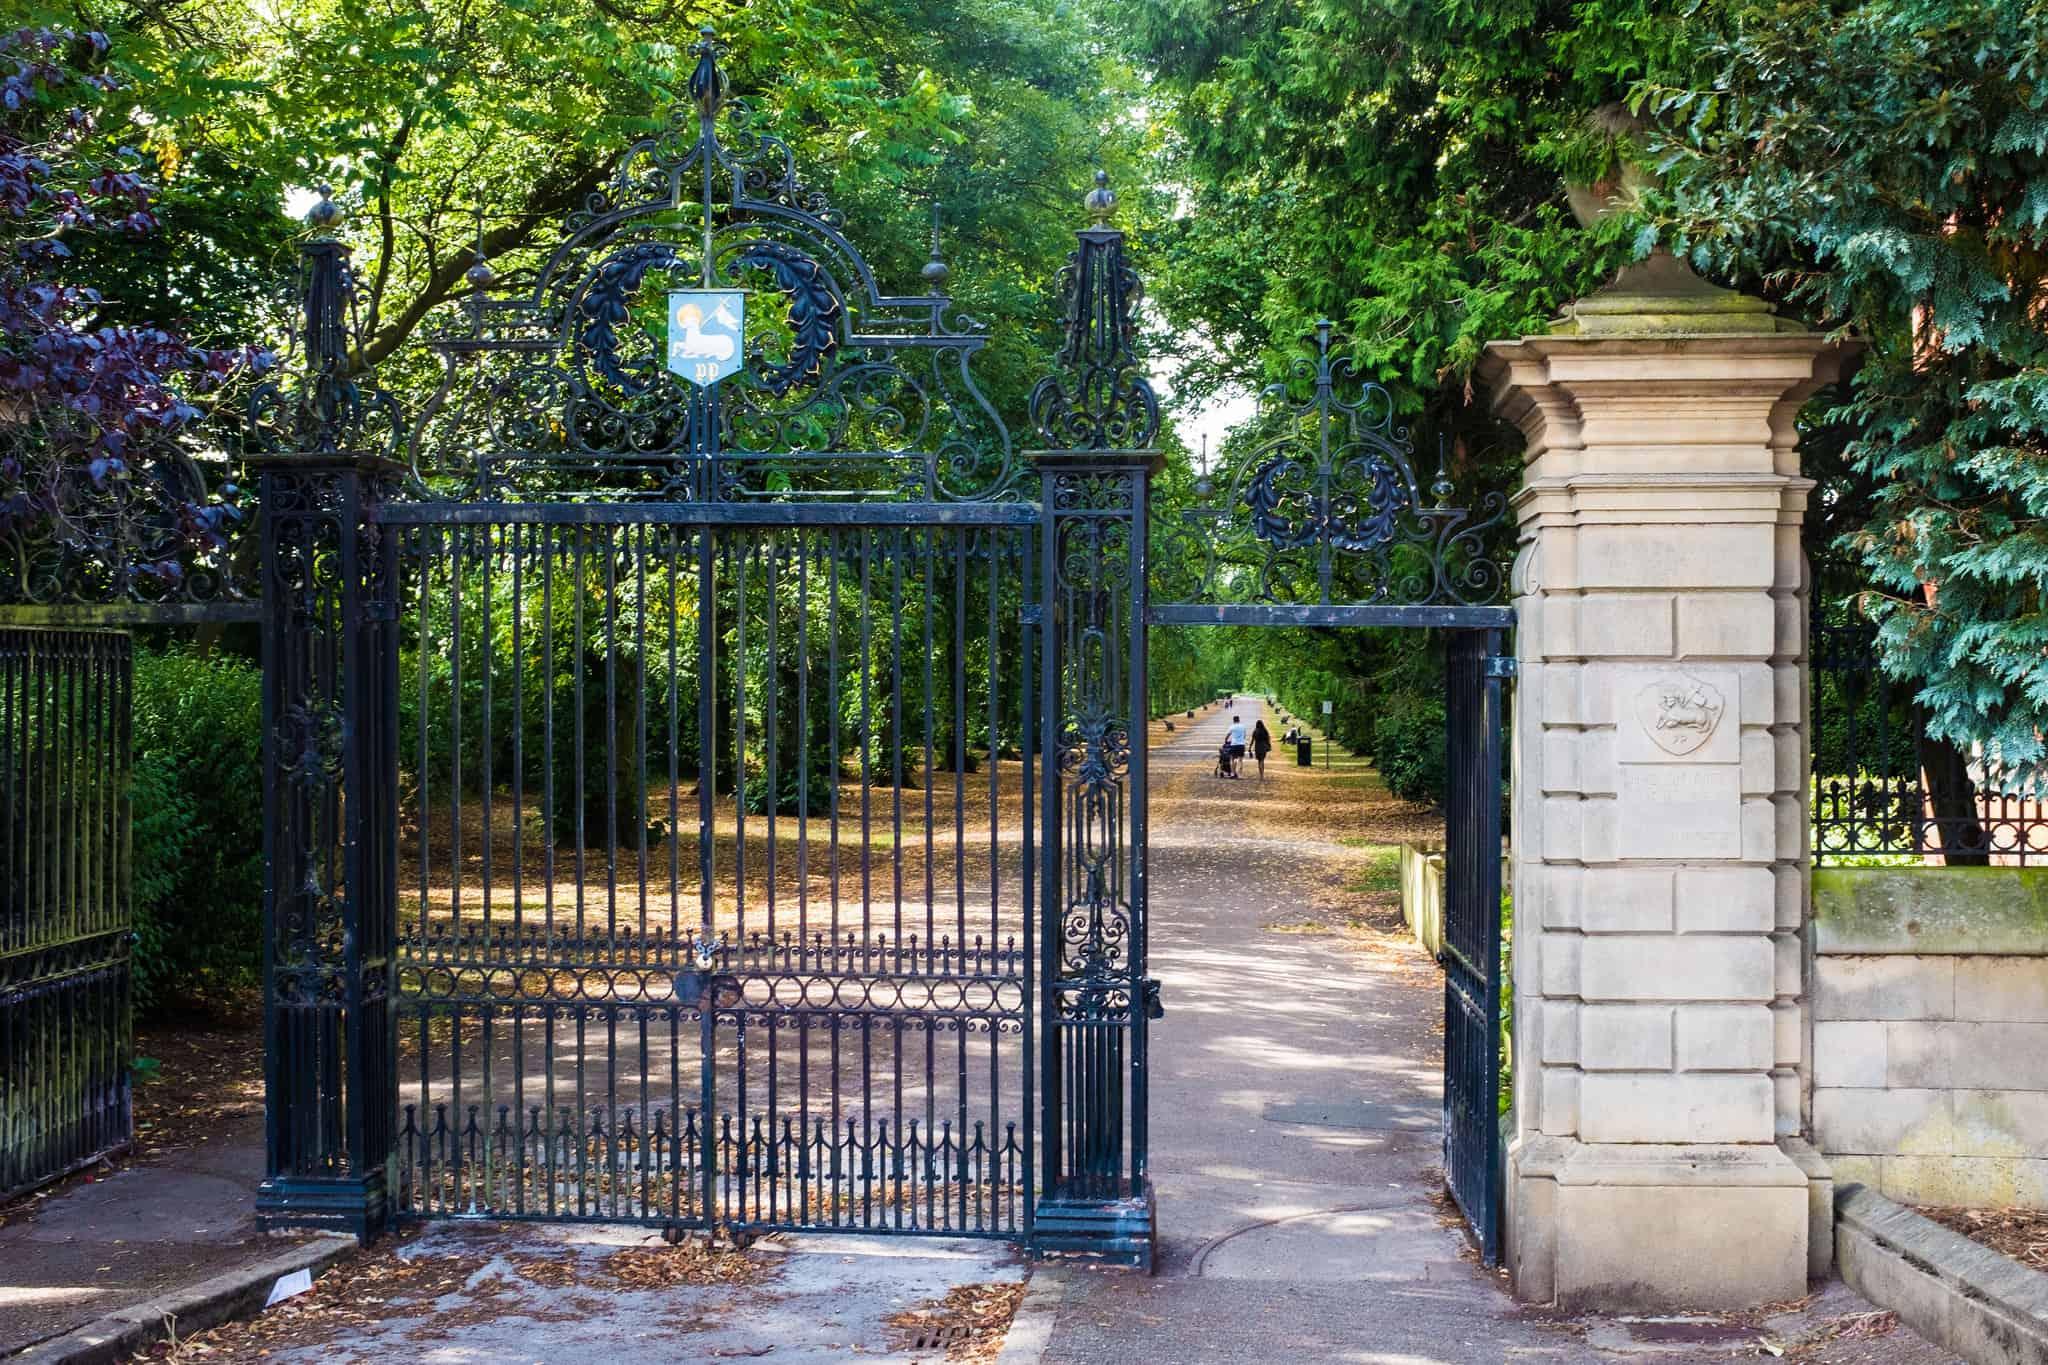 Калитка с воротами из металла в парке